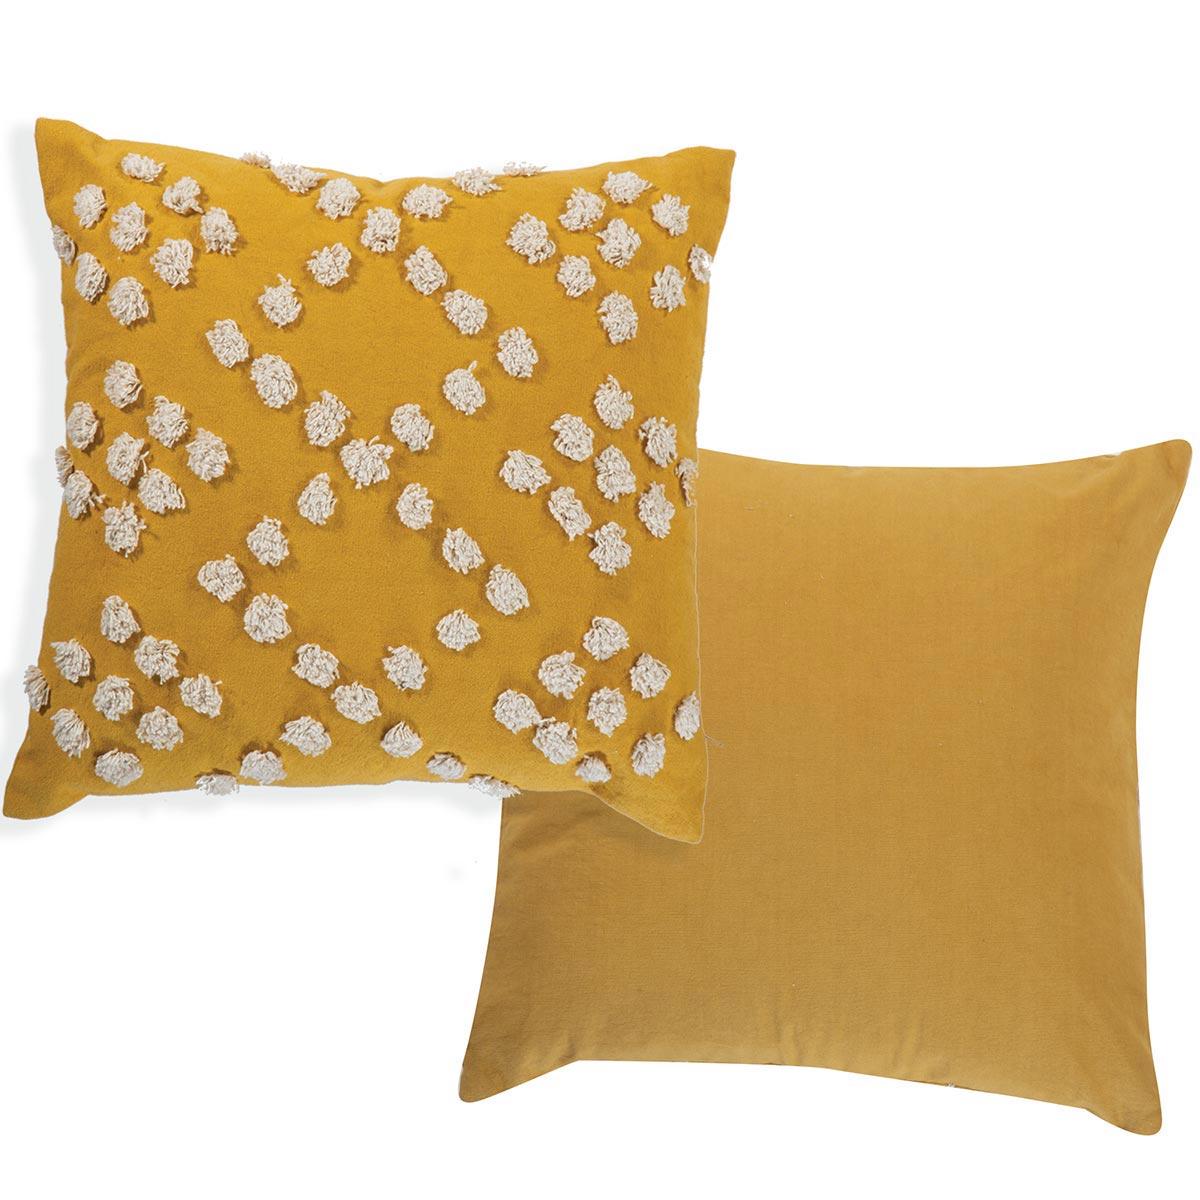 Διακοσμητικό Μαξιλάρι (45x45) Nef-Nef Deline Yellow